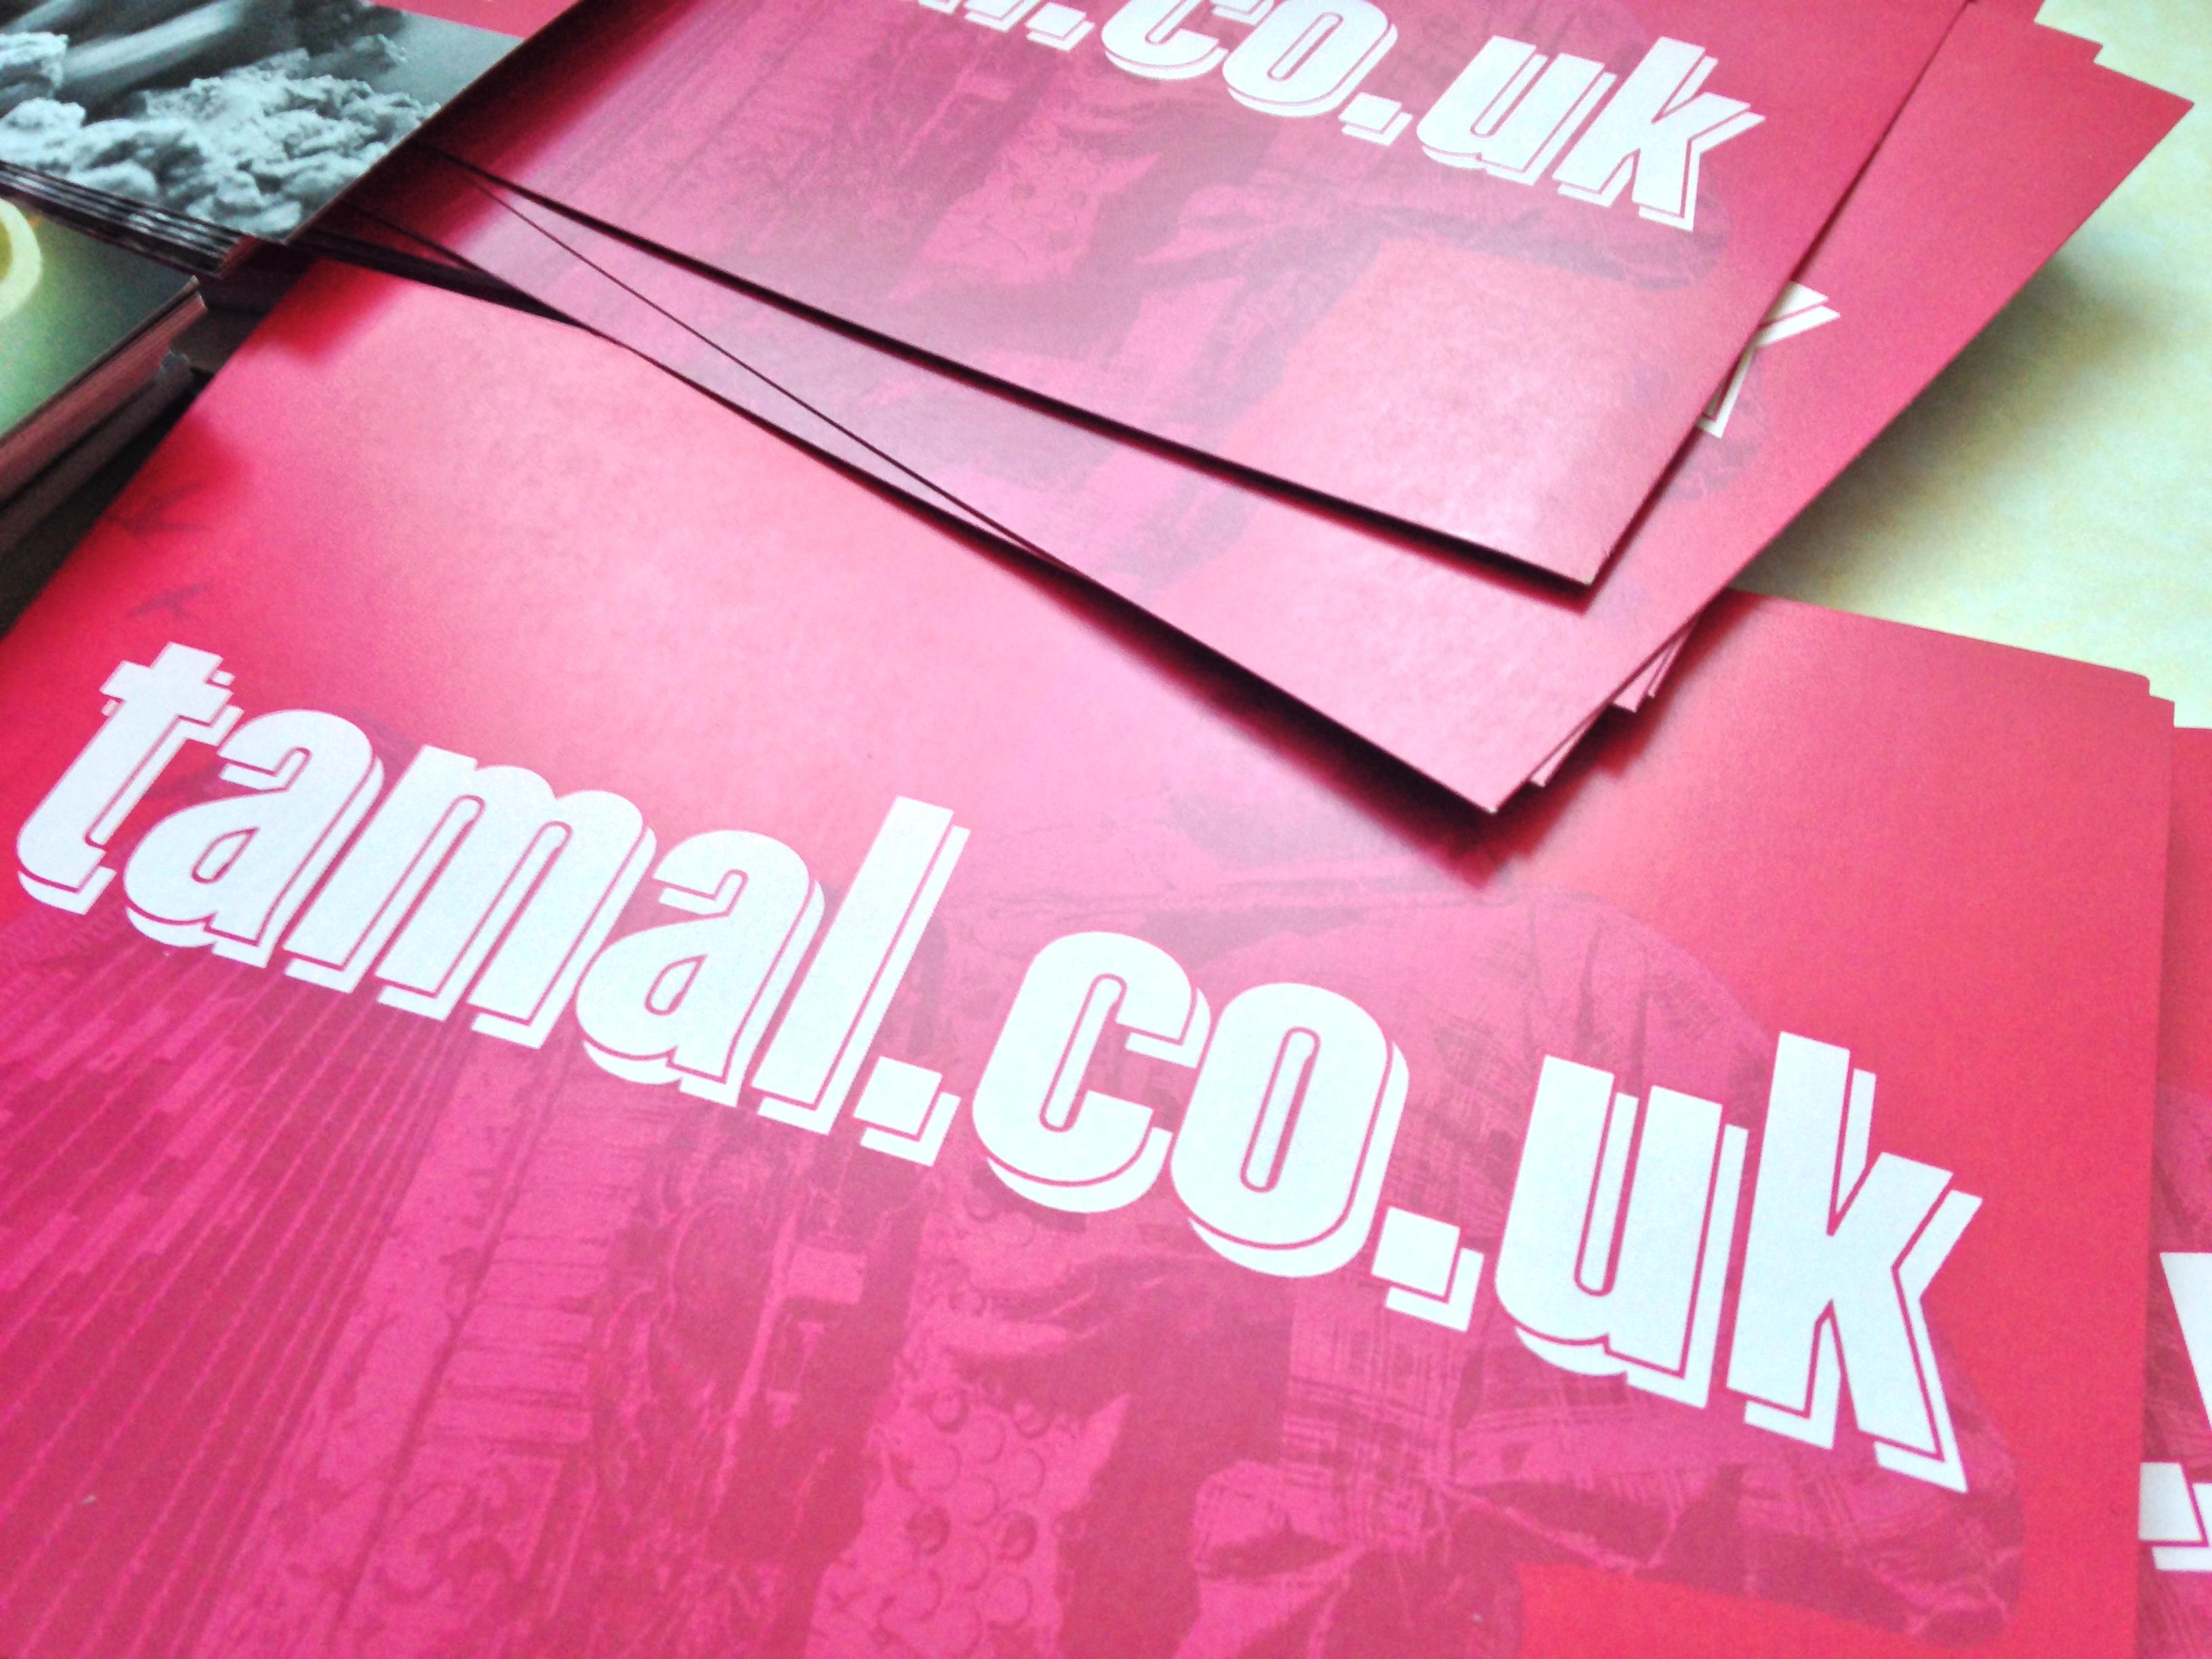 Tamal.co.uk